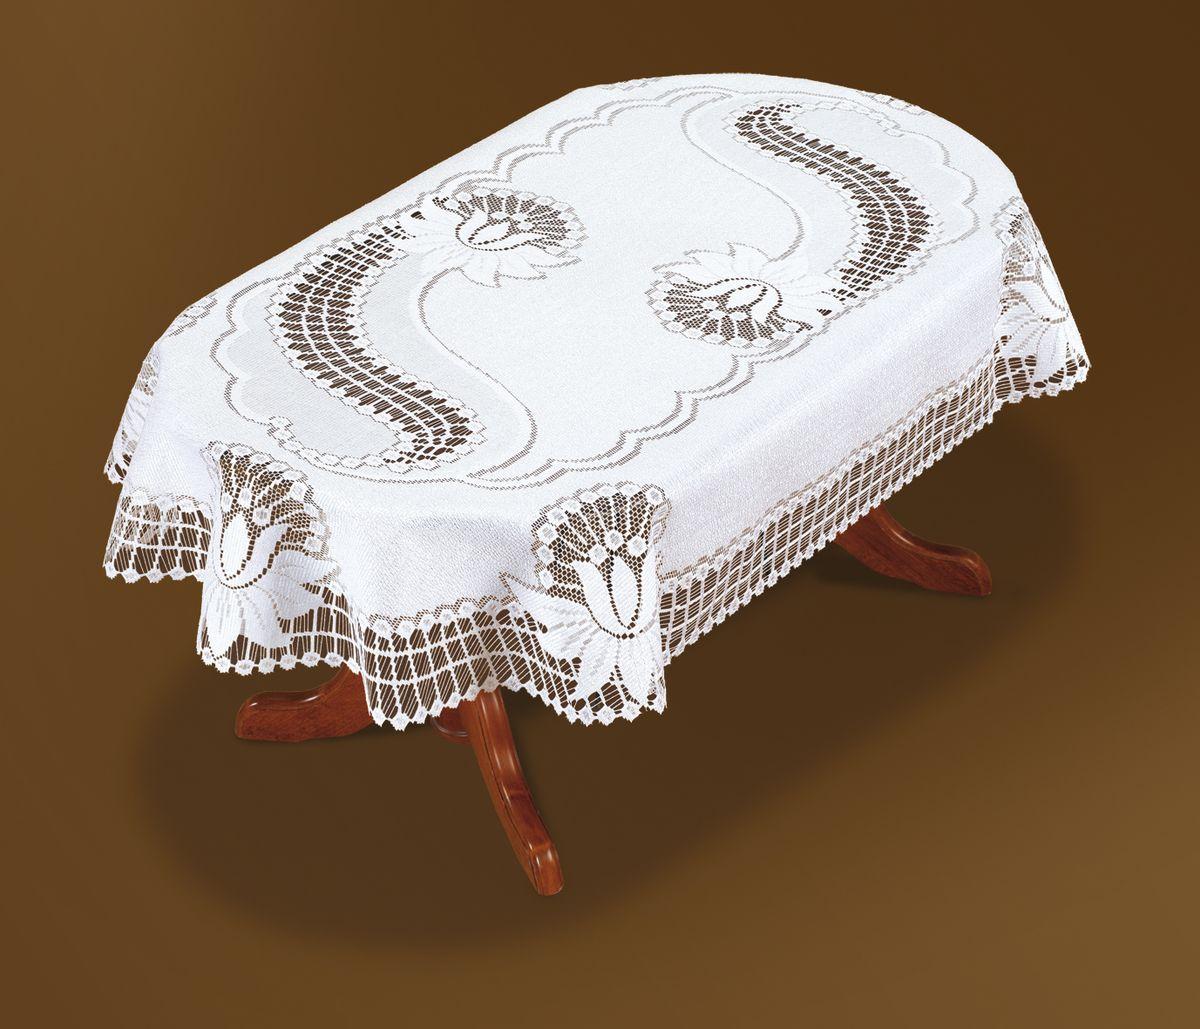 Скатерть Haft, овальная, цвет: белый, 150 x 100 см. 46081-10046081-100Великолепная овальная скатерть Haft, выполненная из полиэстера, органично впишется в интерьер любого помещения, а оригинальный дизайн удовлетворит даже самый изысканный вкус. Скатерть изготовлена из сетчатого материала с ажурным рисунком. Края скатерти закруглены. Скатерть Haft создаст праздничное настроение и станет прекрасным дополнением интерьера гостиной, кухни или столовой.